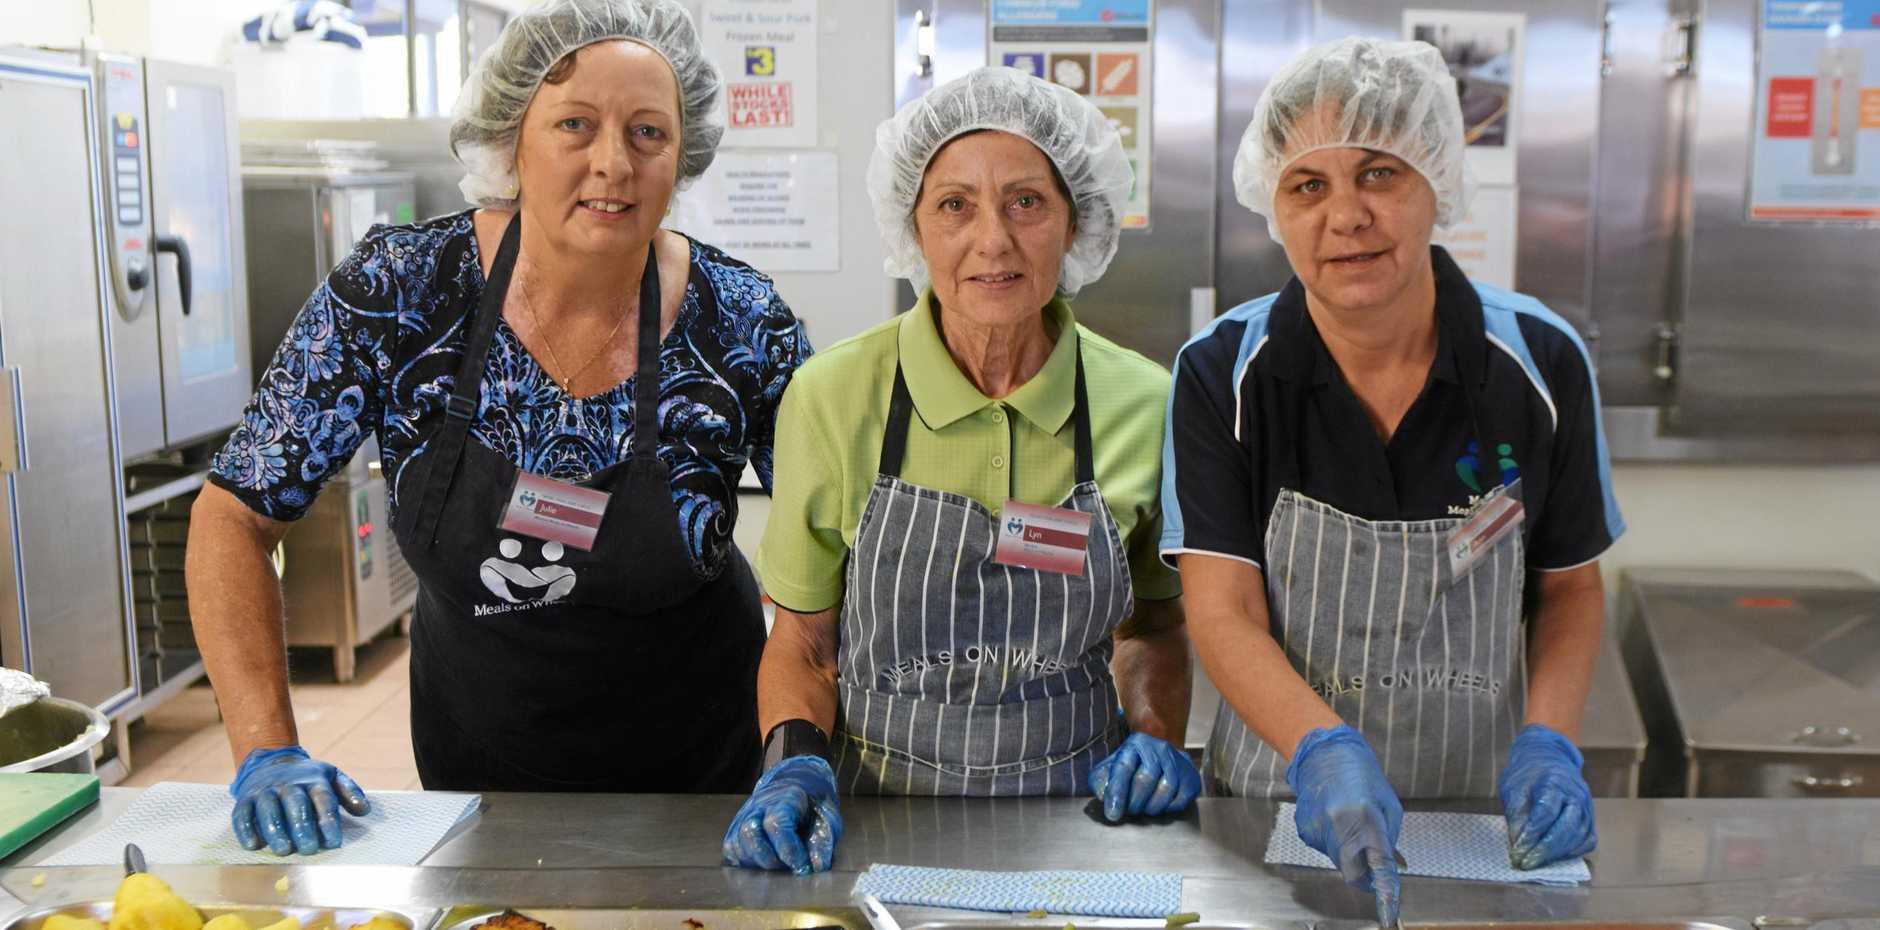 Mackay Meals on Wheels volunteers Julie Williamson, Lyn Macfarlane and Ann Engman, cooking up a storm.